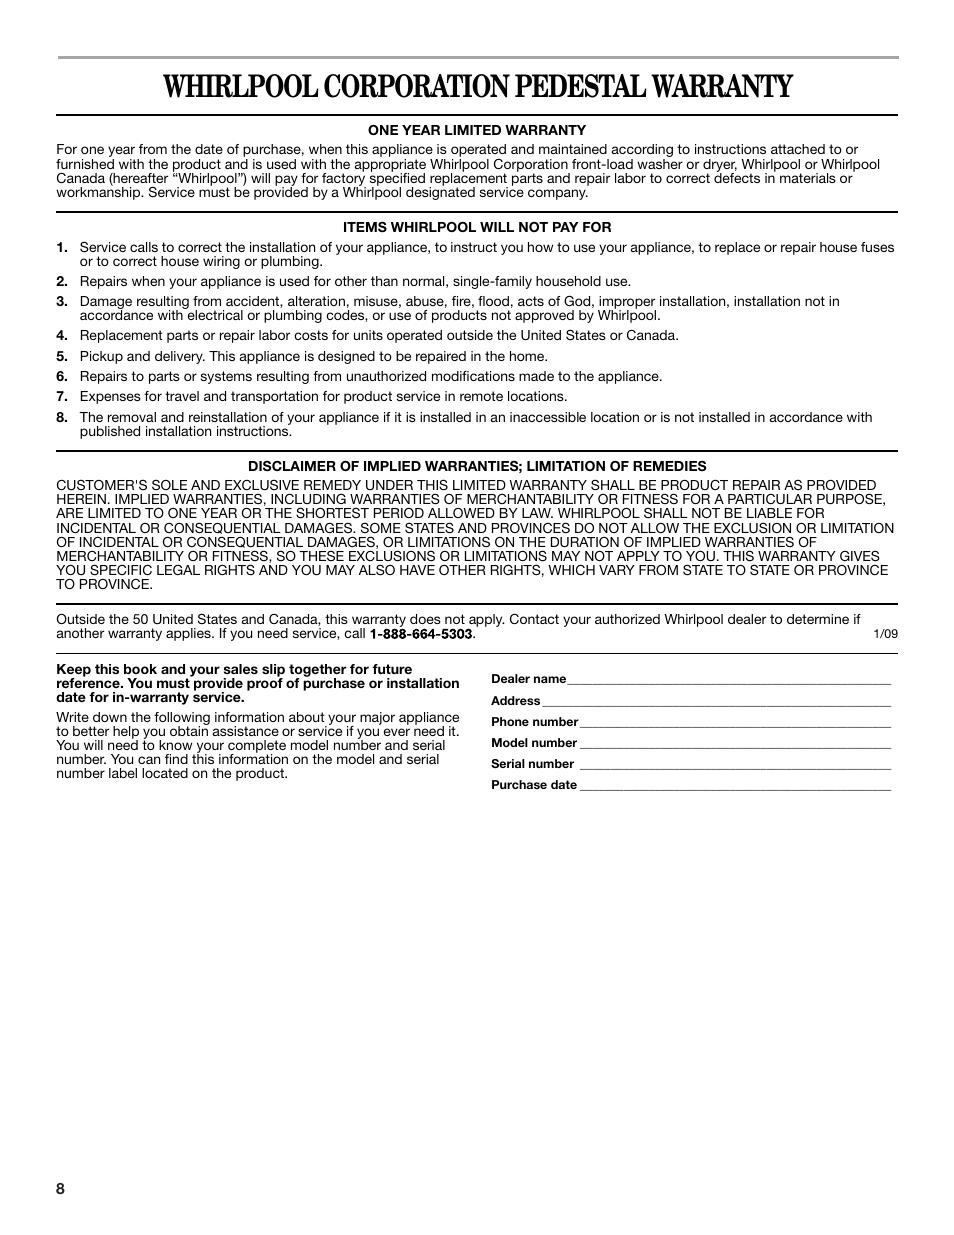 Whirlpool corporation pedestal warranty | Whirlpool XHP1550VW Manuel